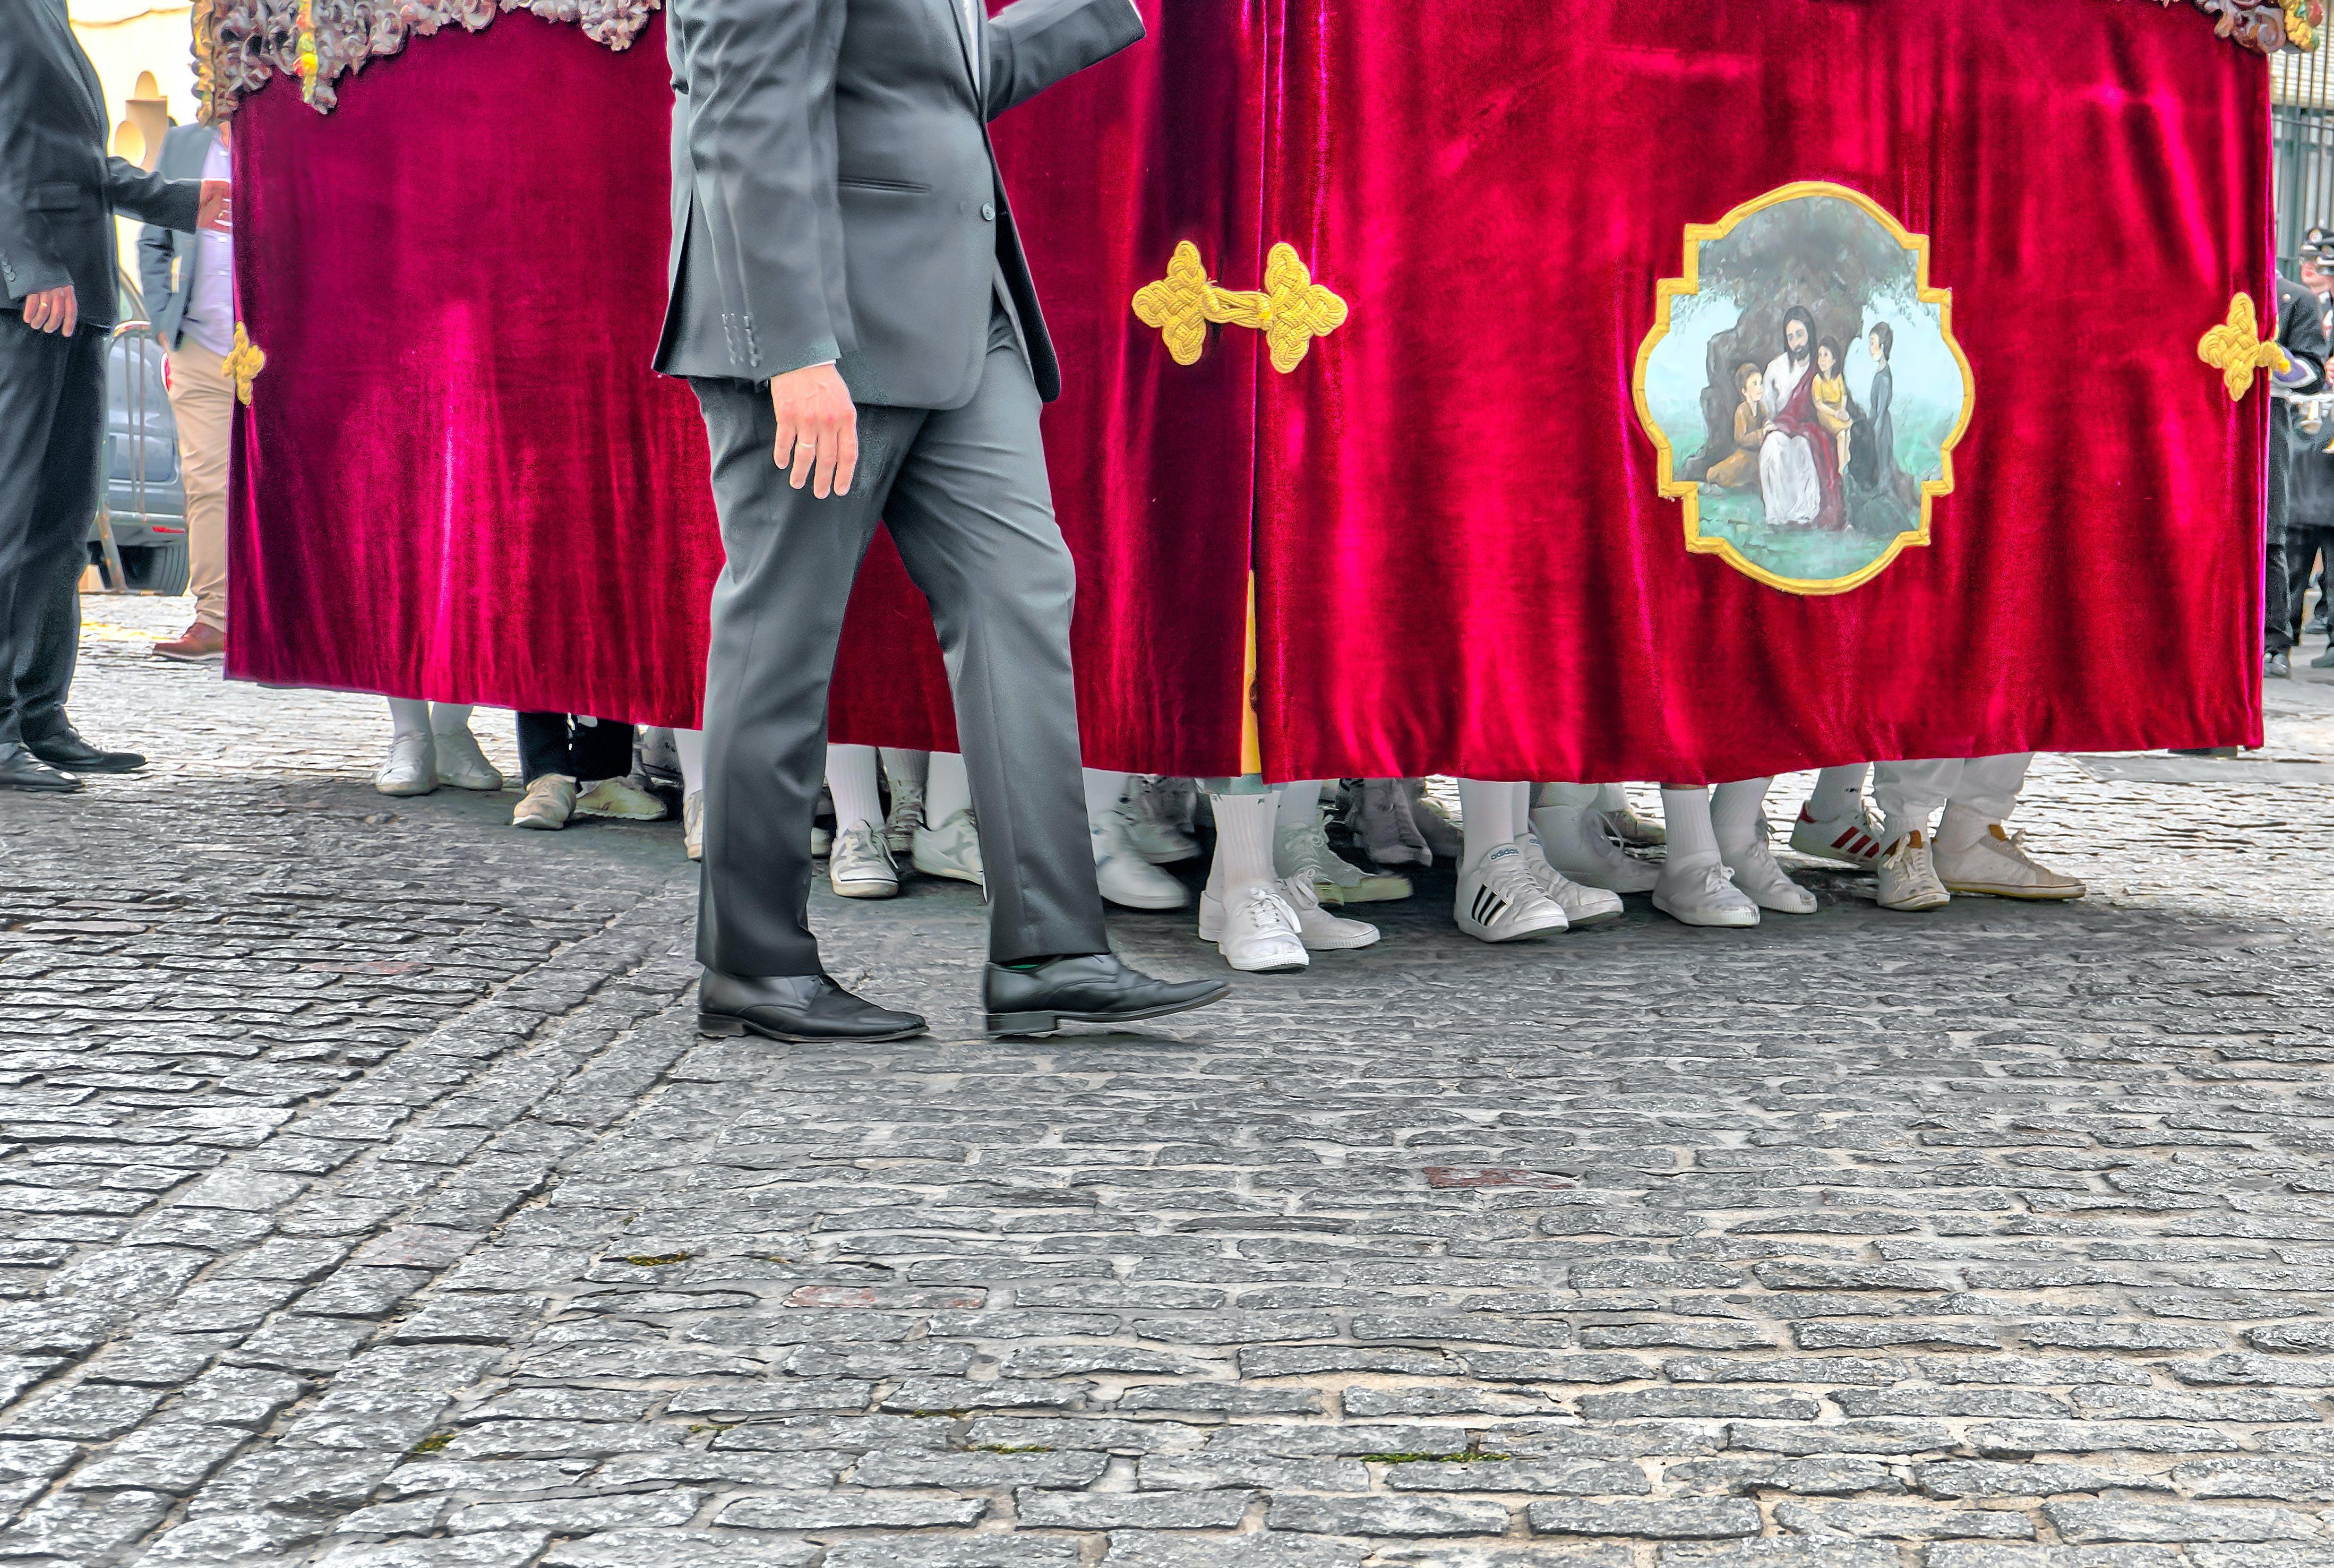 Δωρεάν στοκ φωτογραφιών με άγιος, ανδαλουσία, Ισπανία, καθολικισμός